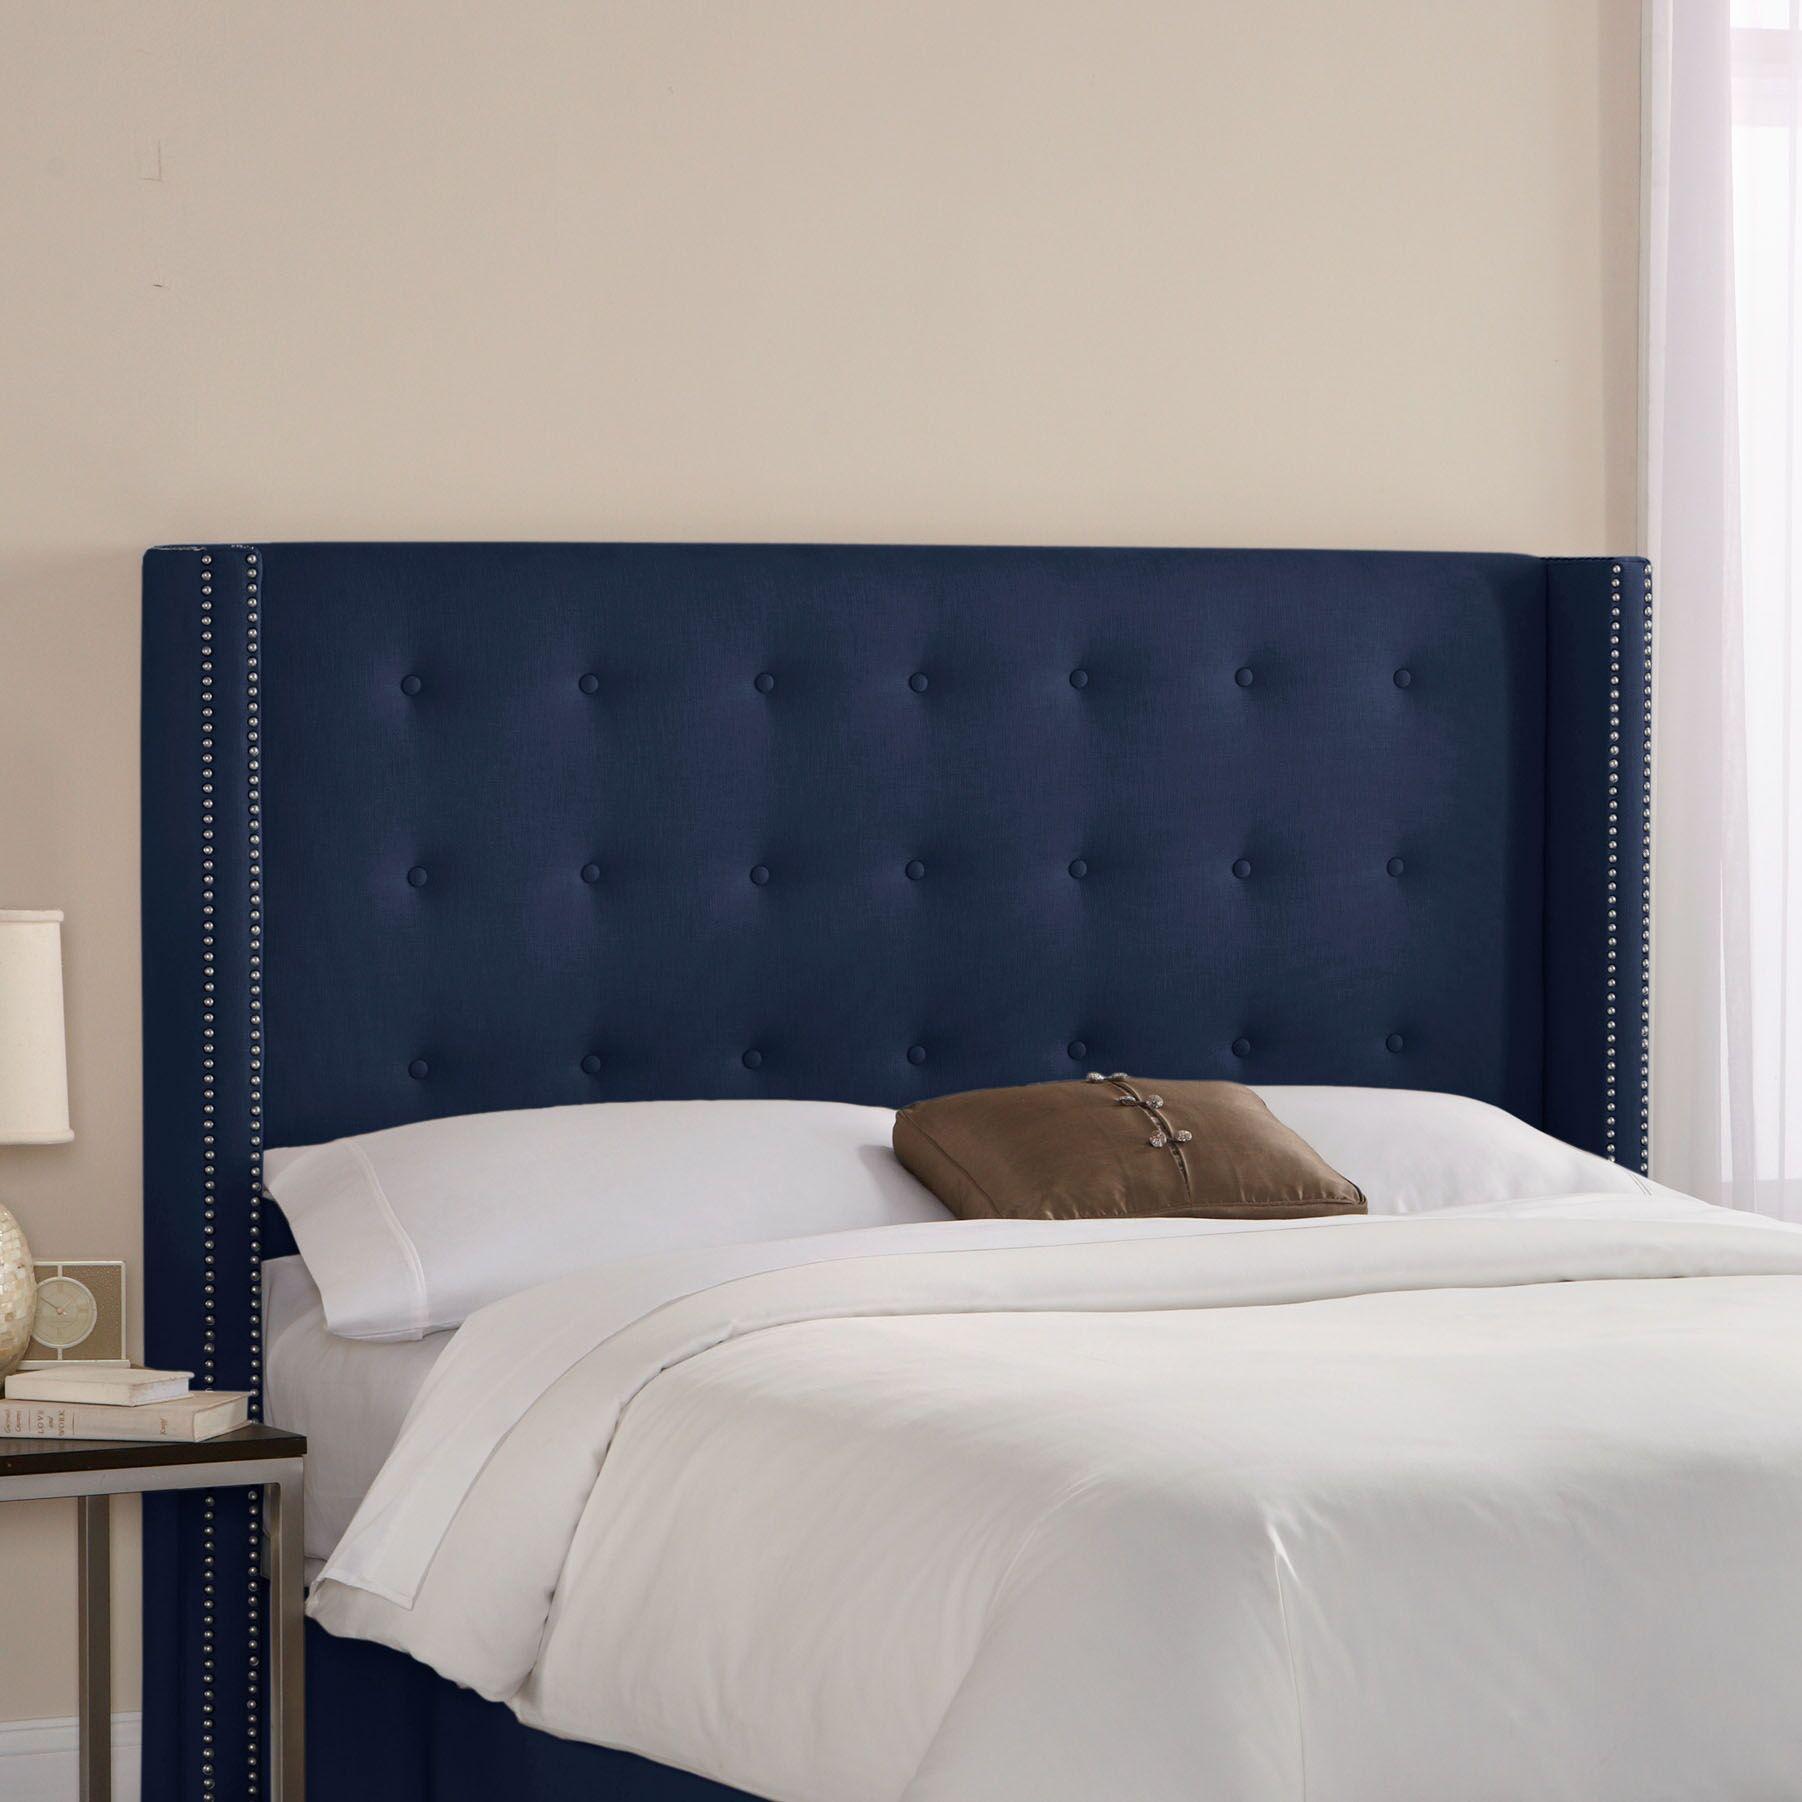 Wingback Upholstered Headboard Size: Full, Upholstery: Blueberry